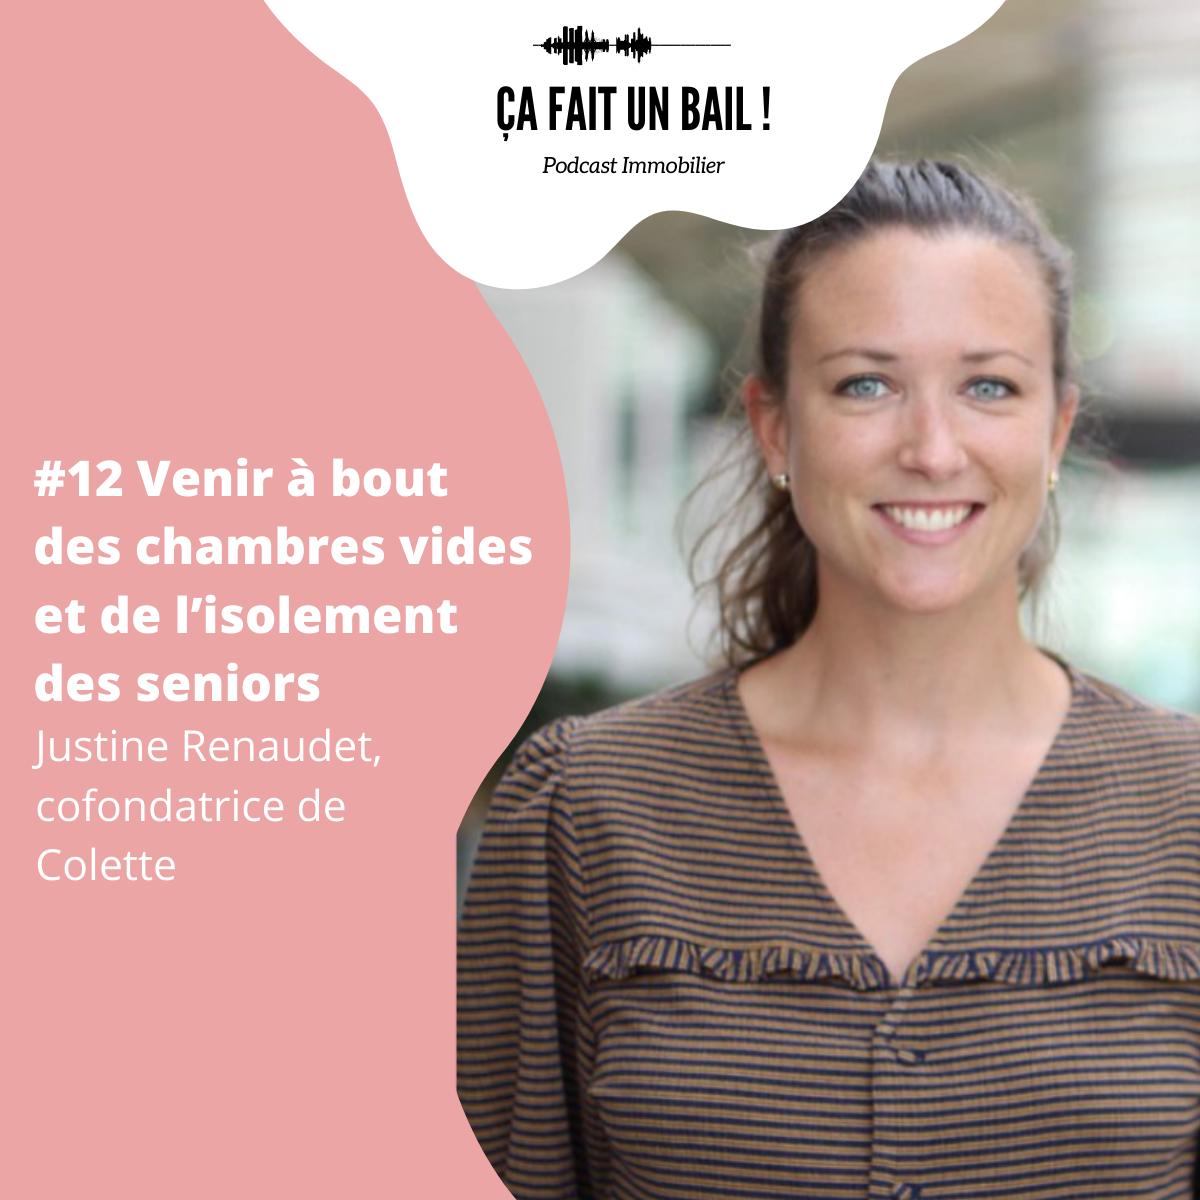 Justine Renaudet - Colette